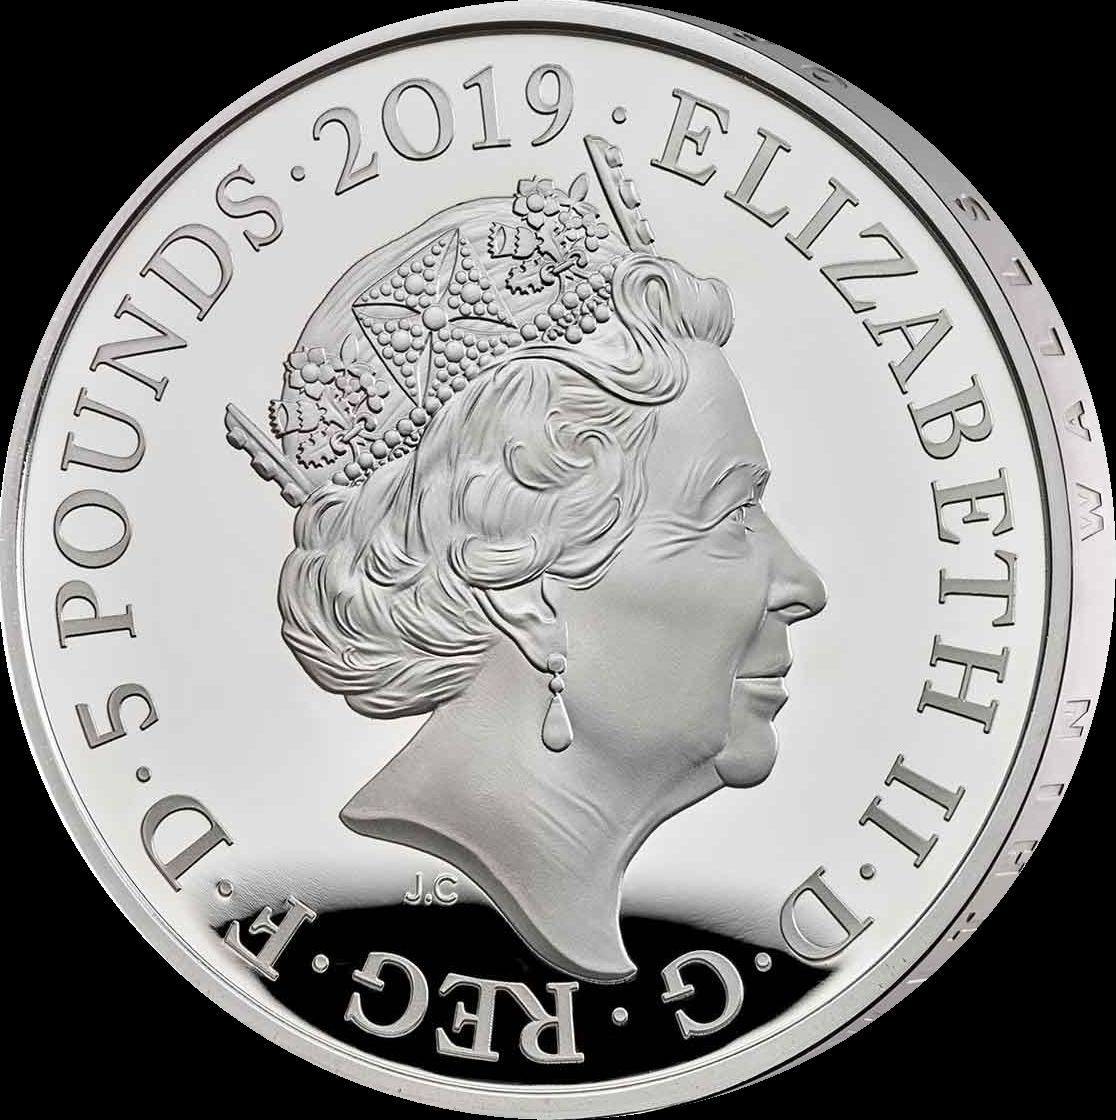 Великобритания монета 5 фунтов Лондонский Тауэр Церемония ключей 2019 года, аверс